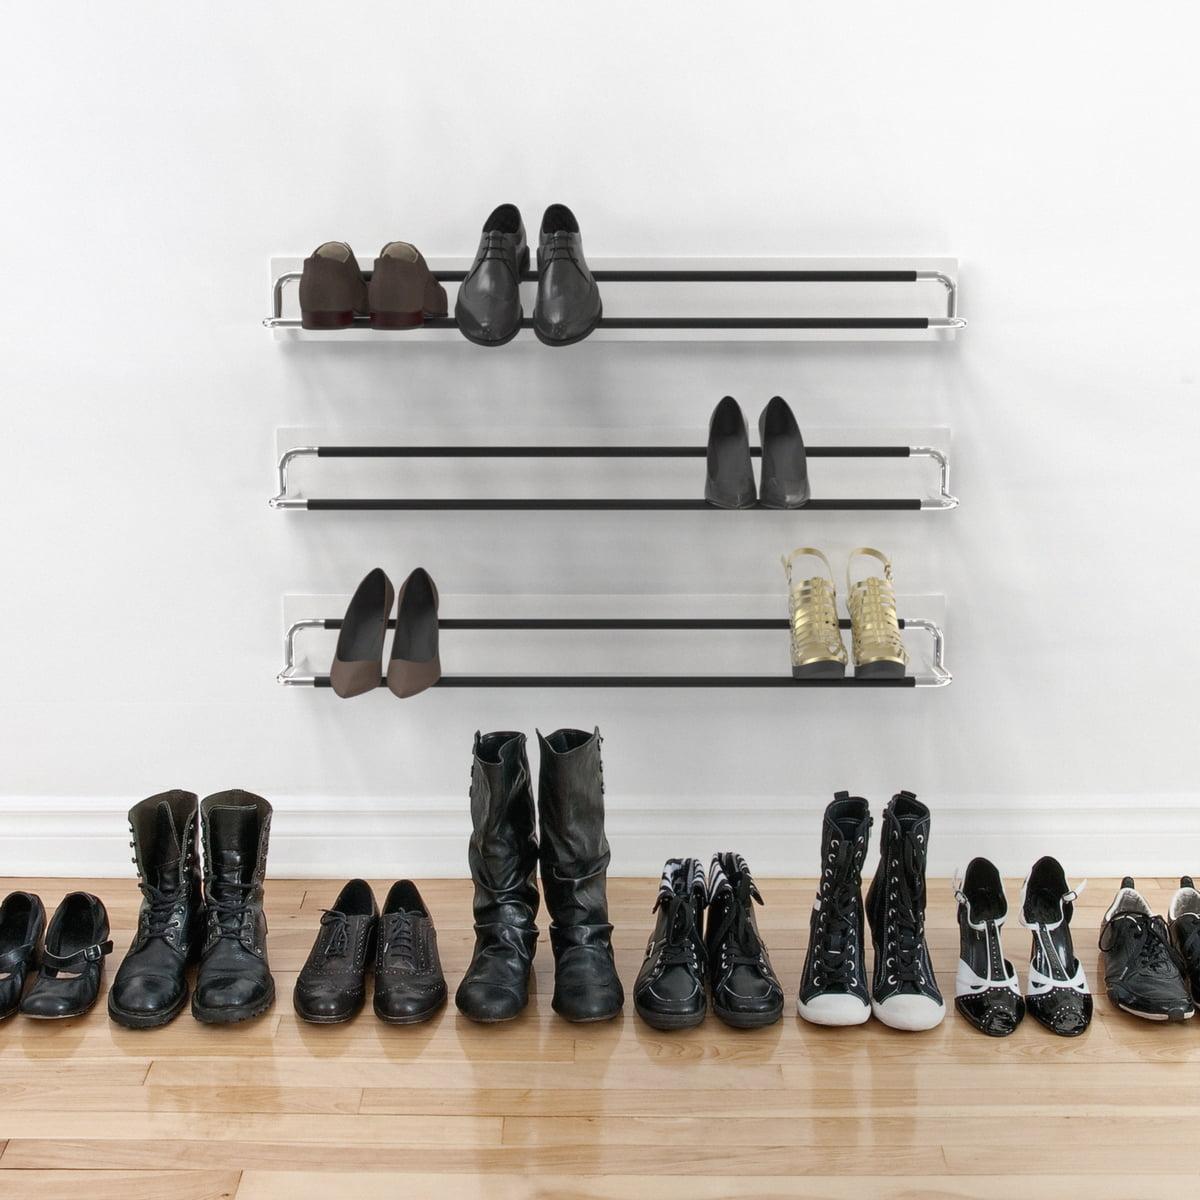 frost rada shoe rack in the home design shop. Black Bedroom Furniture Sets. Home Design Ideas